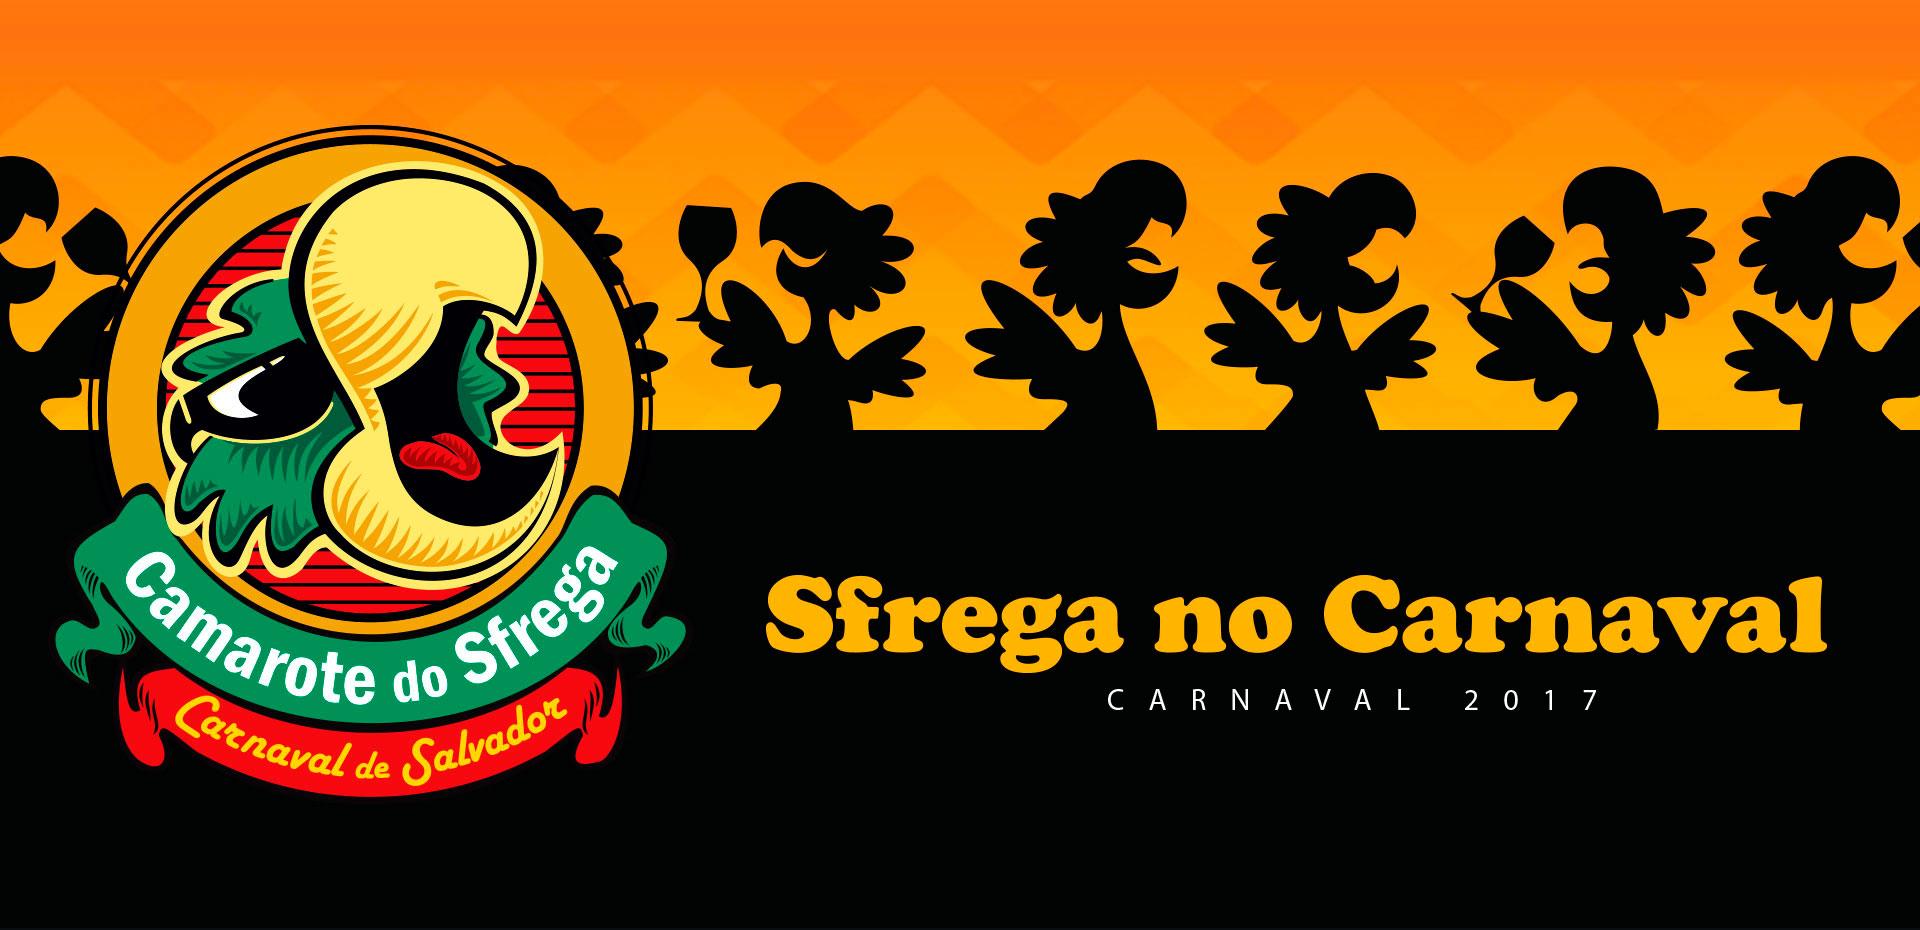 camarote_sfrega_carnaval_salvador_2017